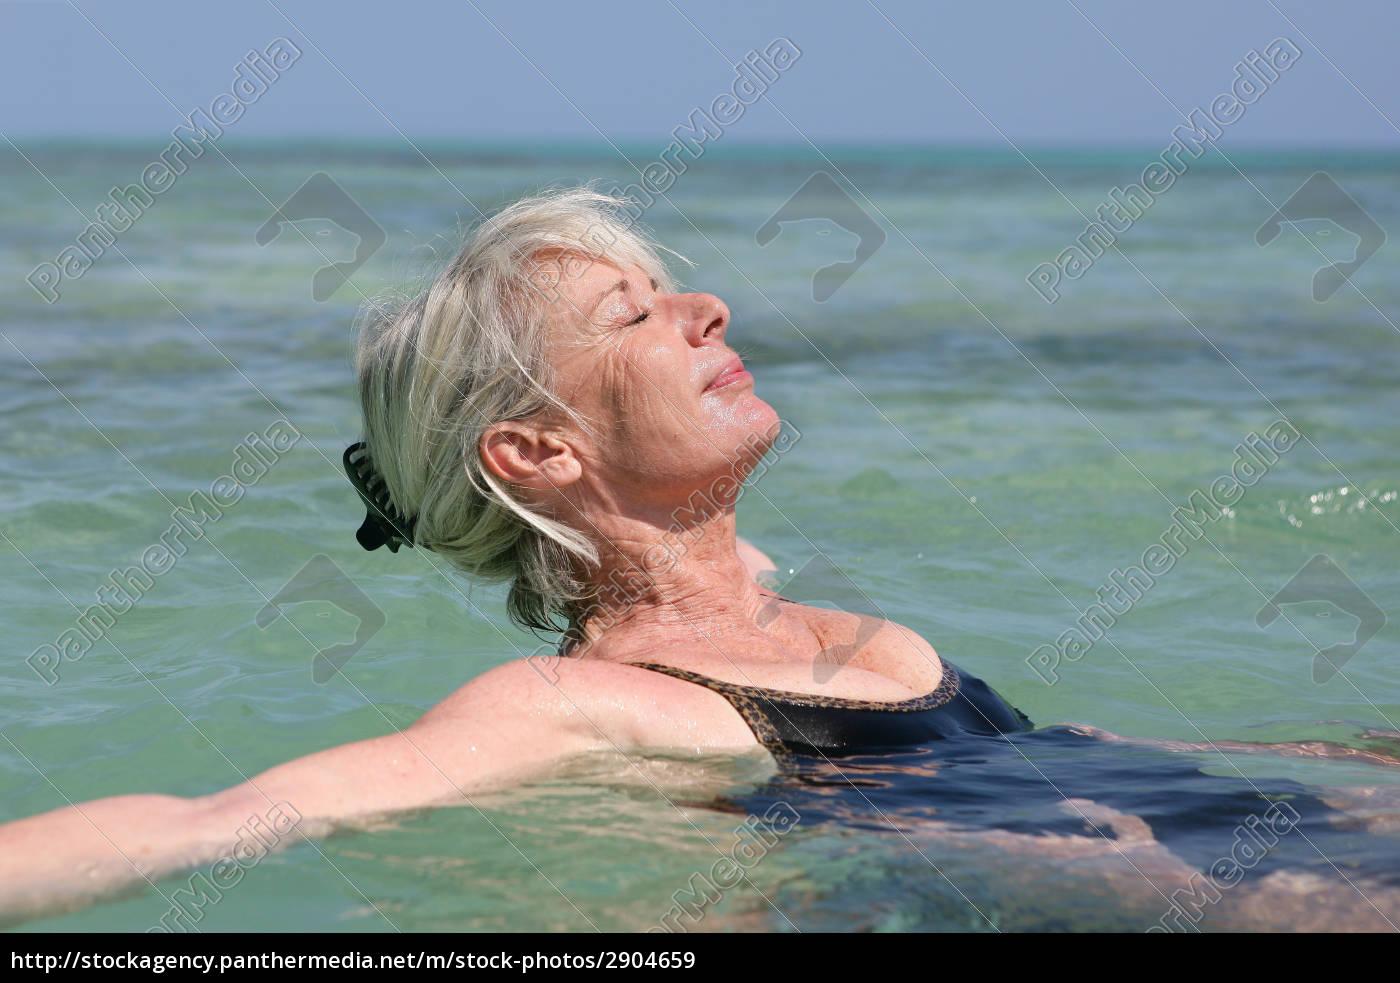 elderly, woman, bathing, in, the, sea - 2904659